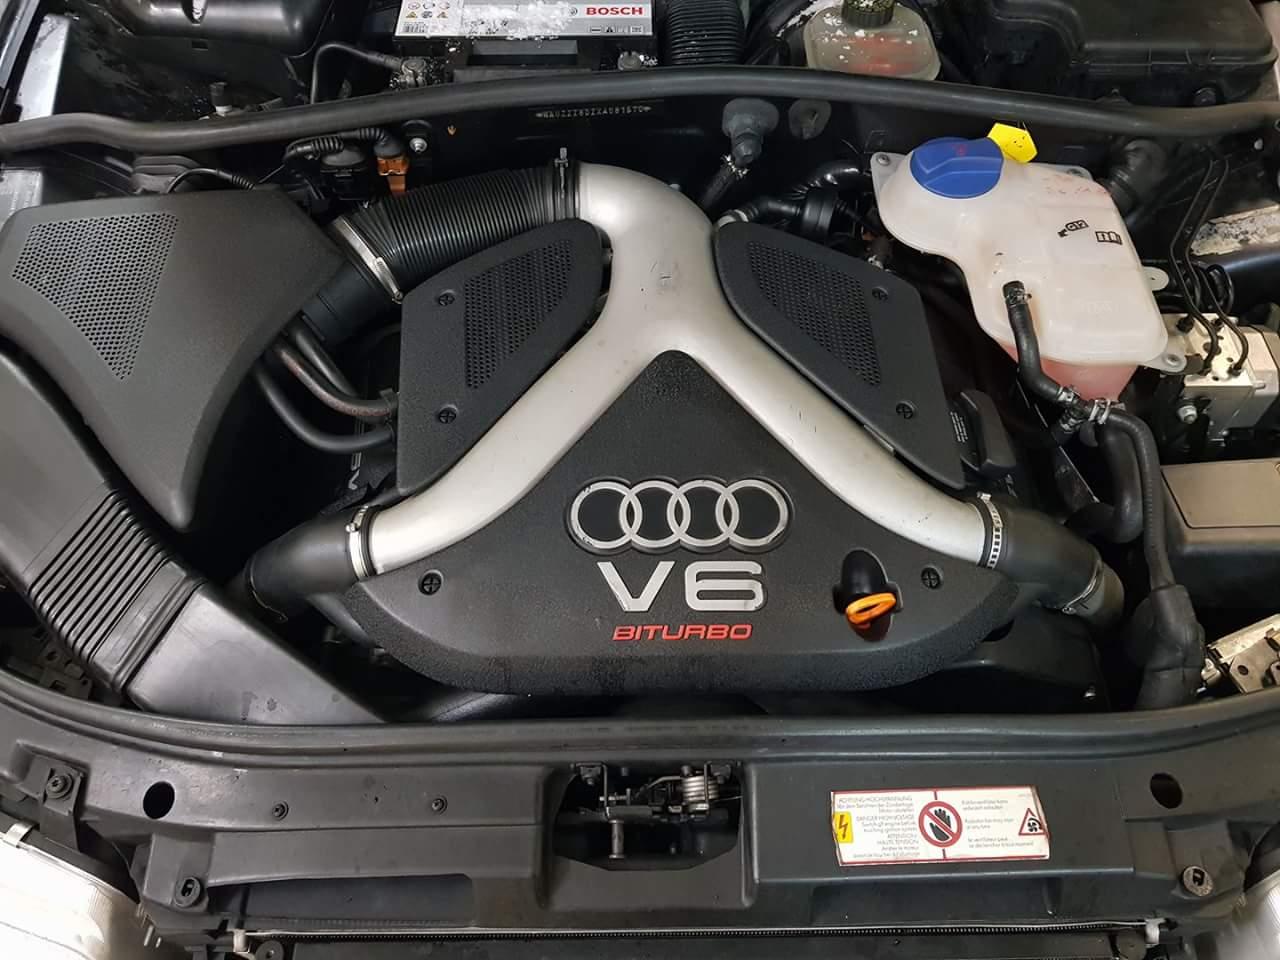 Audi S4 B5 - 2.7 V6 BiTURBO - 265 PS